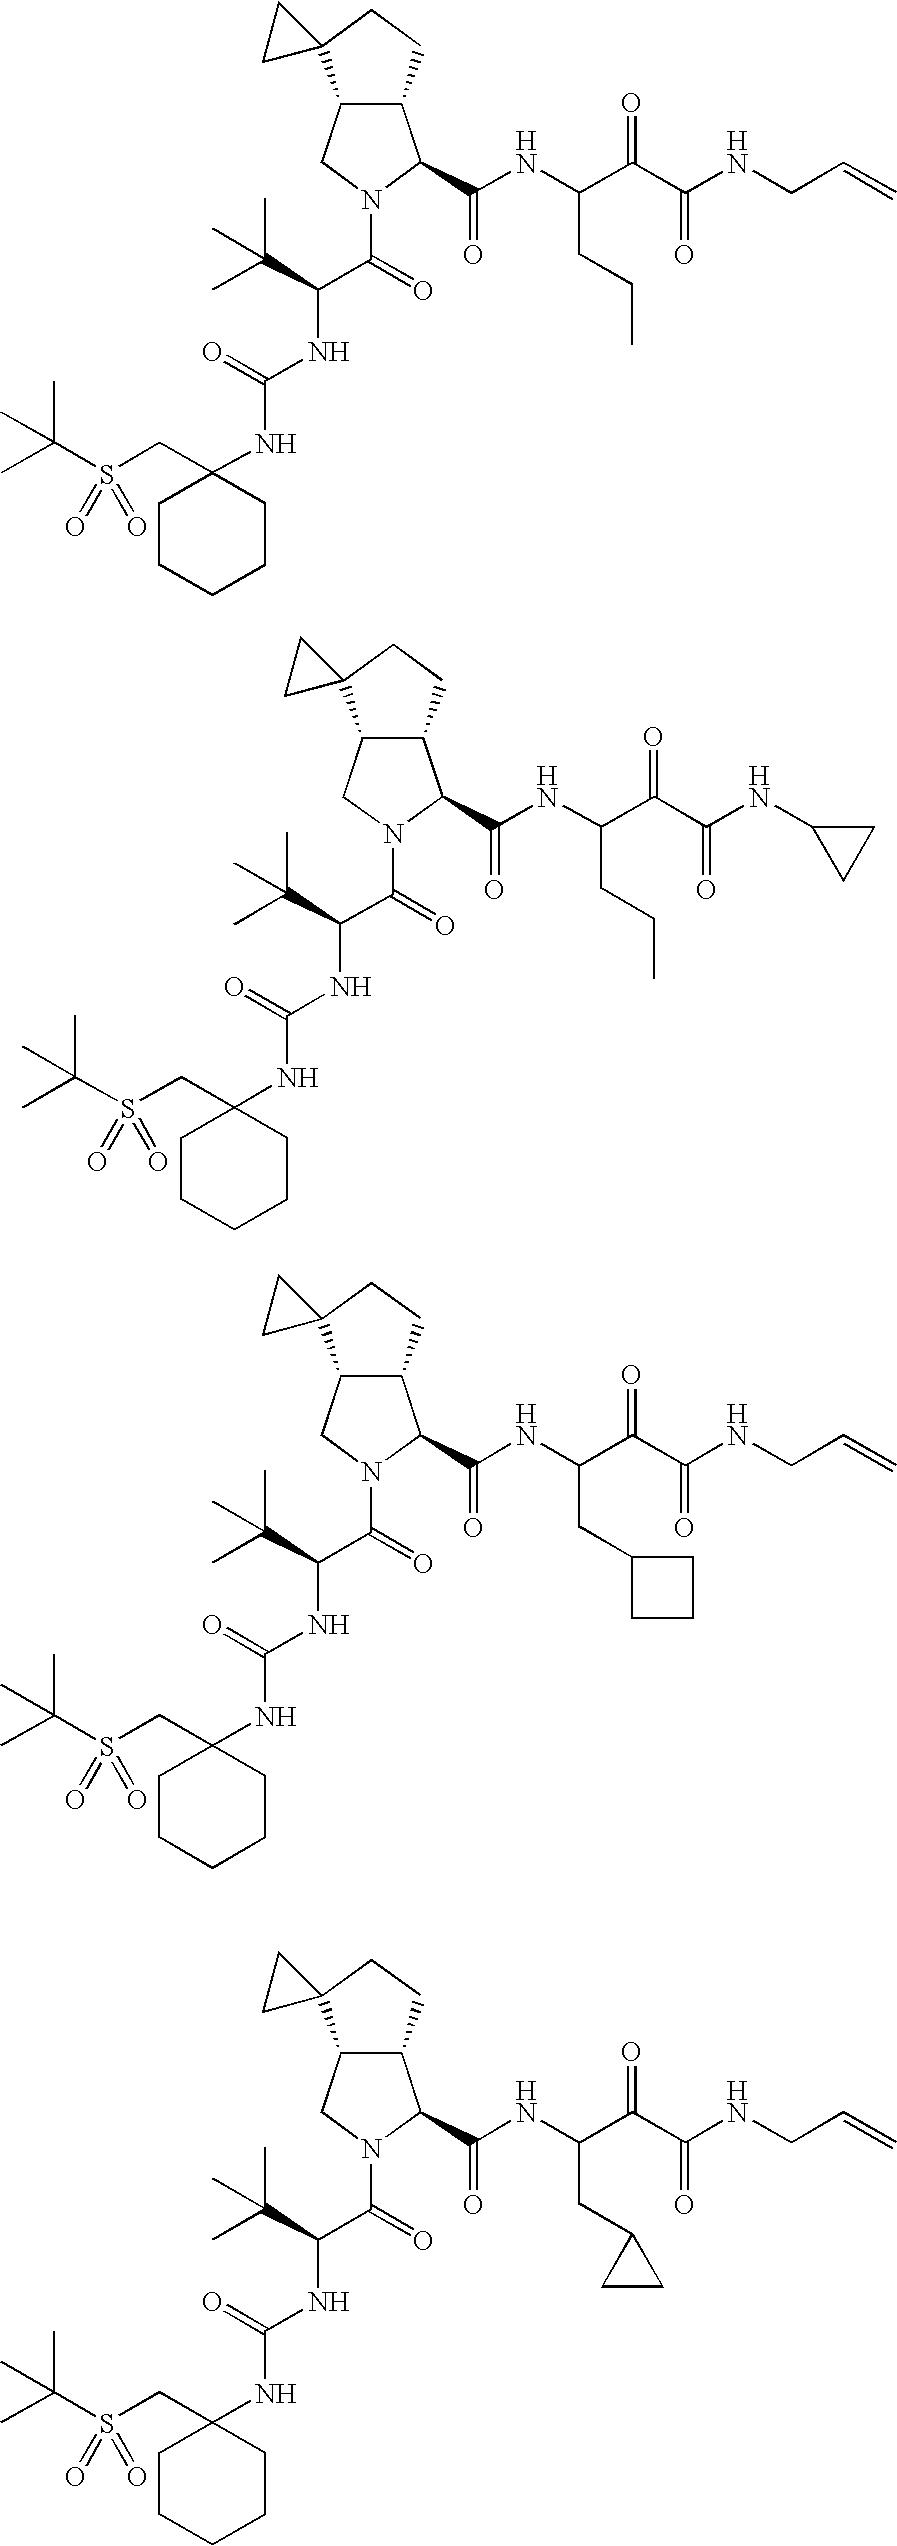 Figure US20060287248A1-20061221-C00519